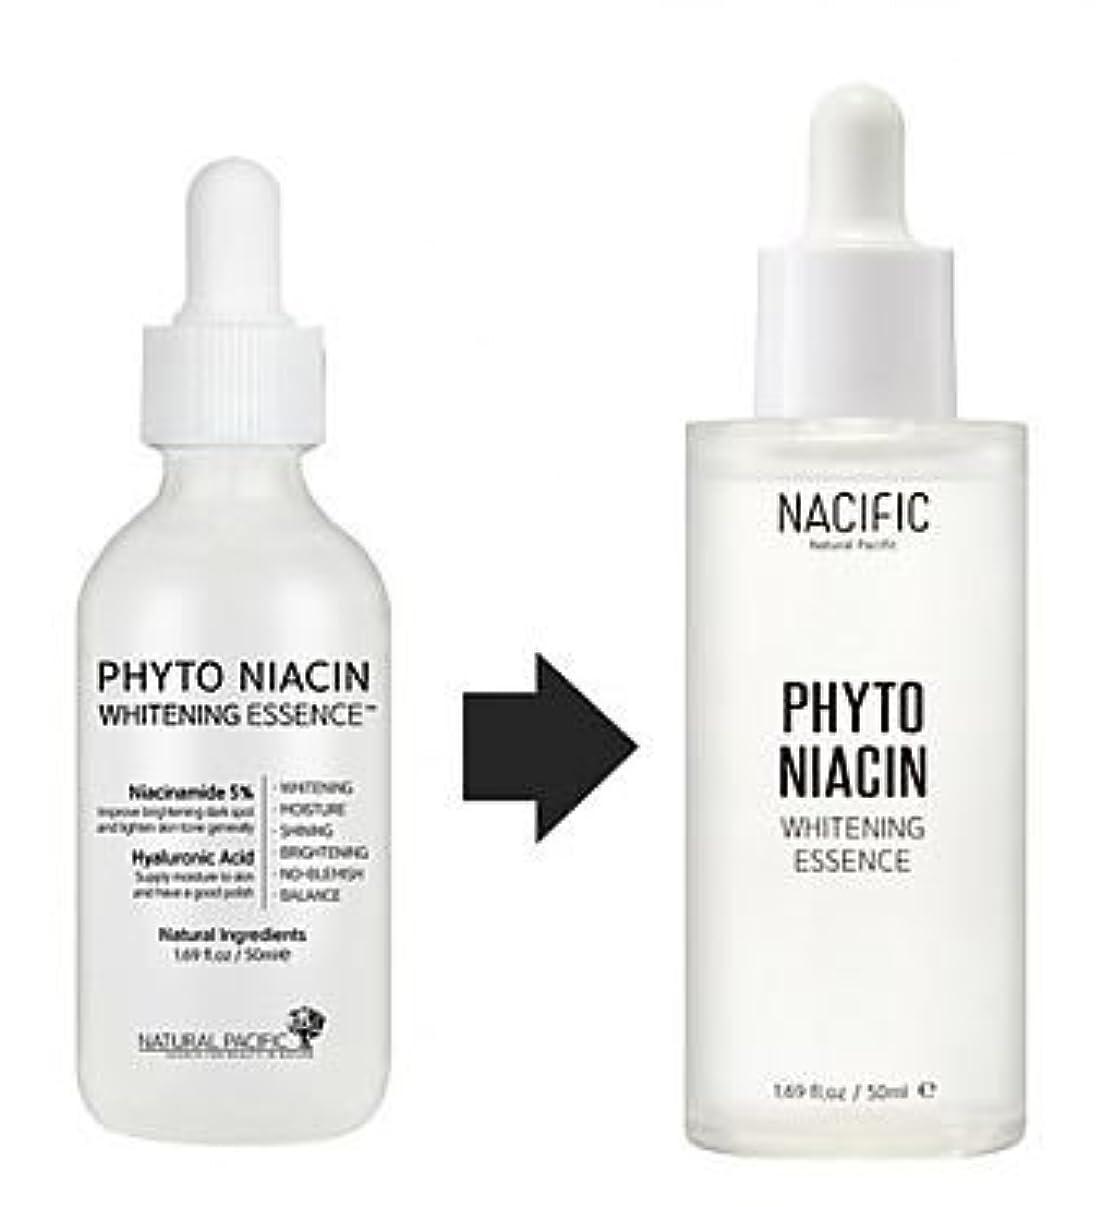 身元ロードハウス不可能な[NACIFIC]Phyto Niacin Whitening Essence 50ml/ナチュラルパシフィック フィト ナイアシン ホワイトニング エッセンス 50ml [並行輸入品]